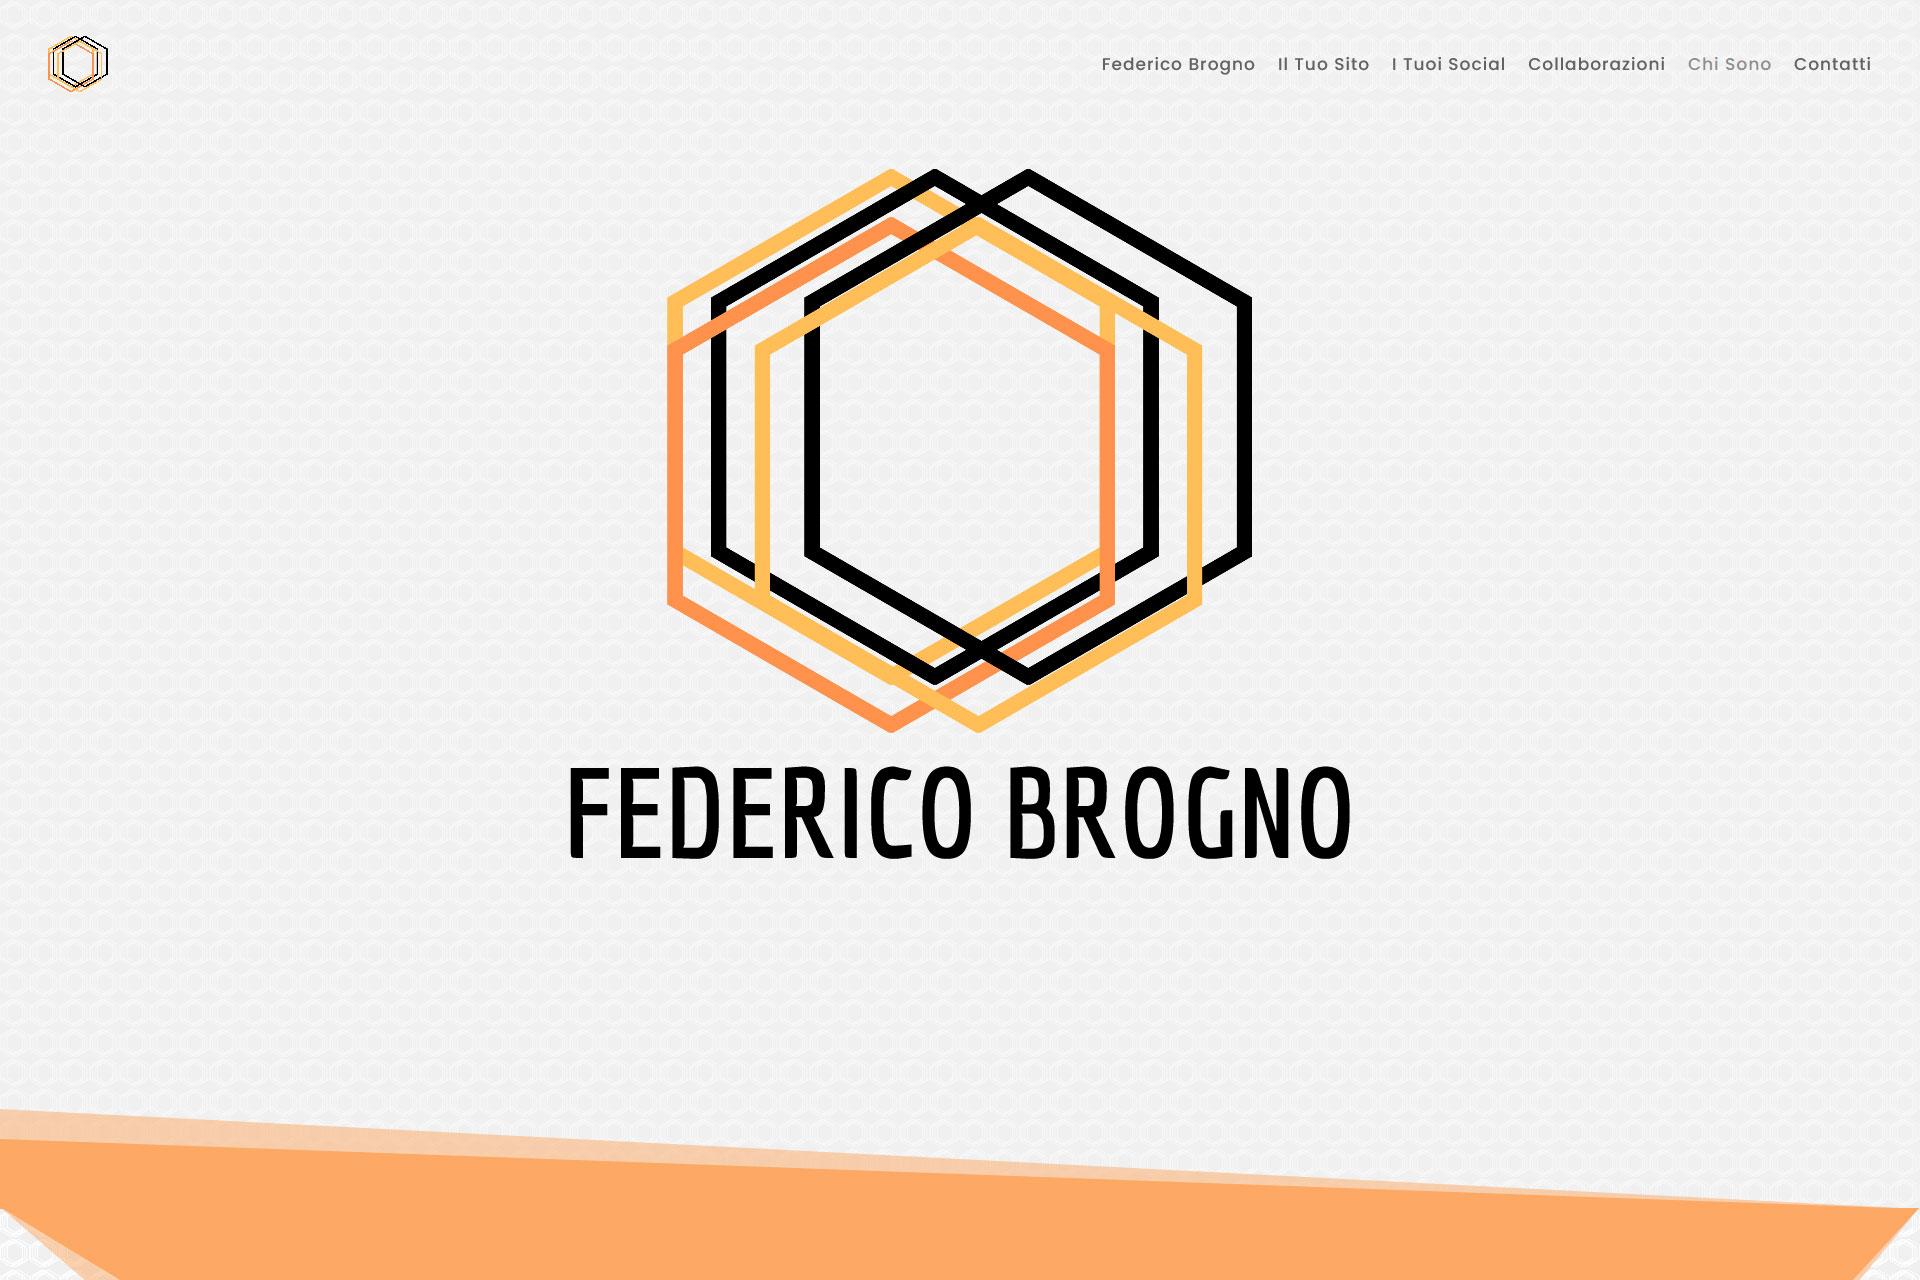 lv-design-realizzazione-siti-web-bologna-portfolio-federico-brogno-slide-1